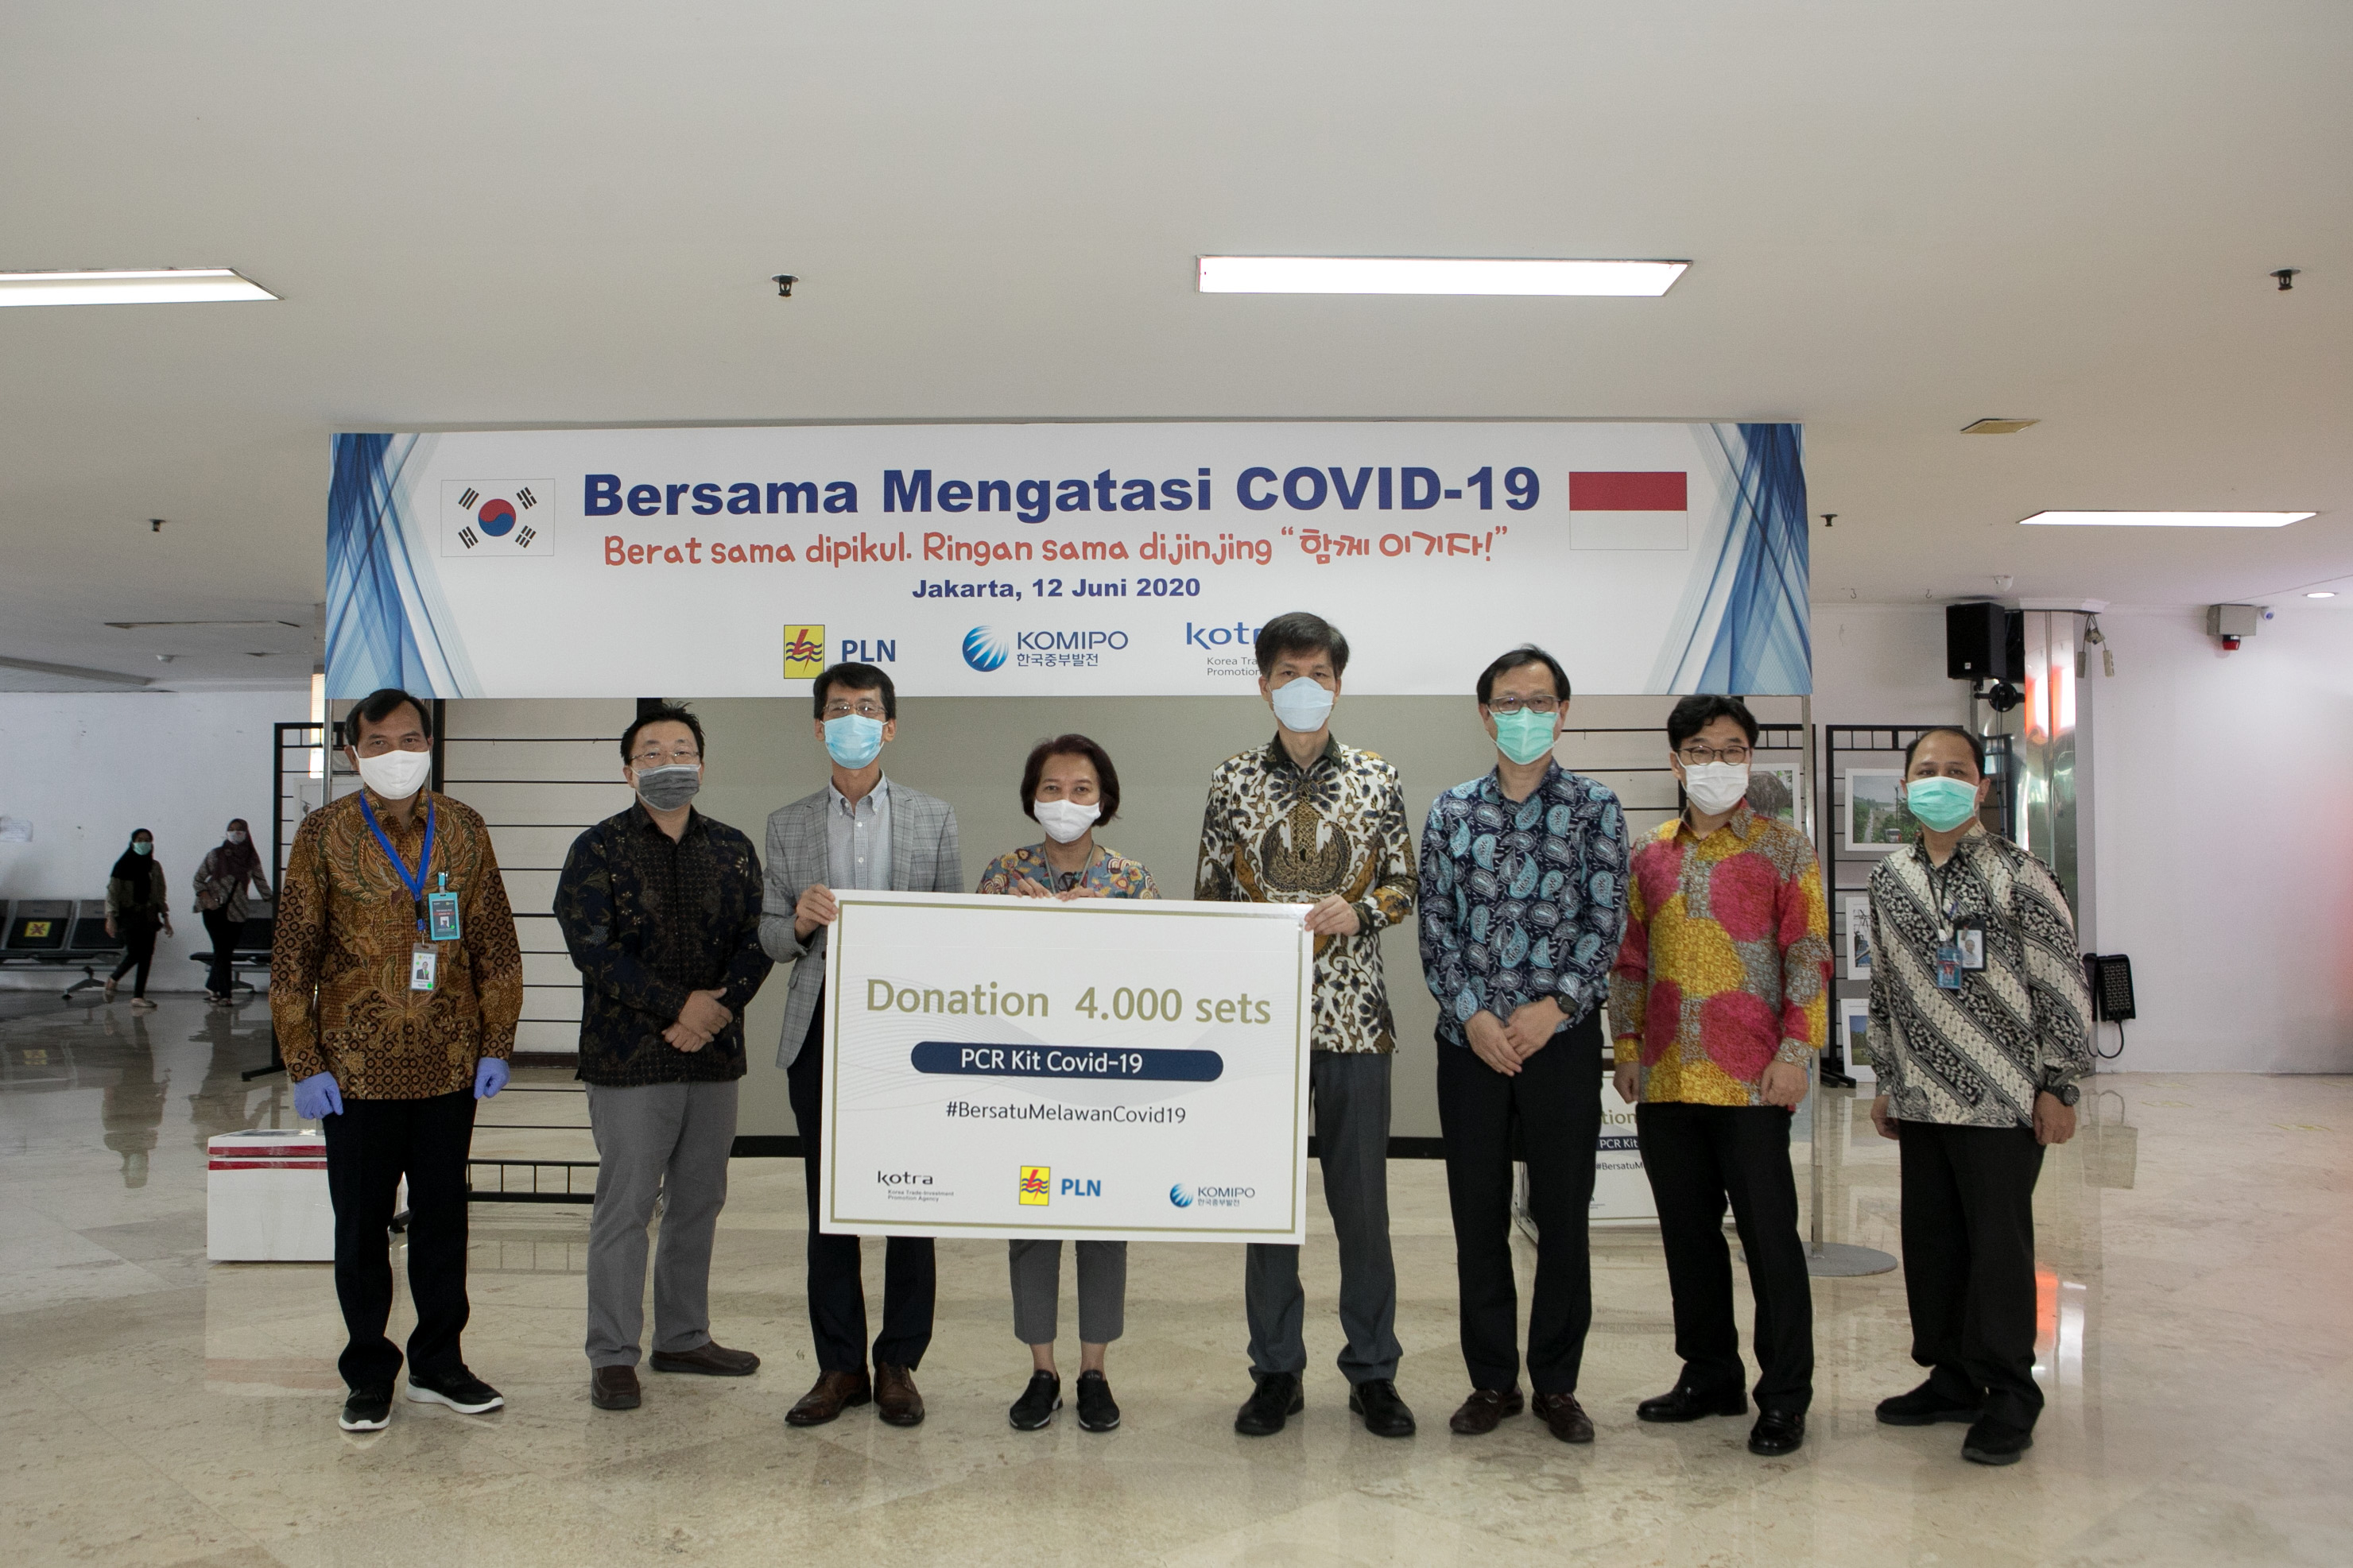 지난 6월12일 한국중부발전(KOMIPO)은 코로나19로 어려움을 겪고 있는 인도네시아와 공동 극복 노력 취지로 인도네시아 전력청(PLN)에 진단키트 약 4,000명분을 기부하고 있다. 참석자 인니 전력청(PLN) Syofvi F. Roekman(Human Capital and Management Director), 인니 중부발전 이덕섭 법인장, 백남희 이사, 소광우 이사, KOTRA 자카르타 무역관 이종윤 관장, 이창현 부관장